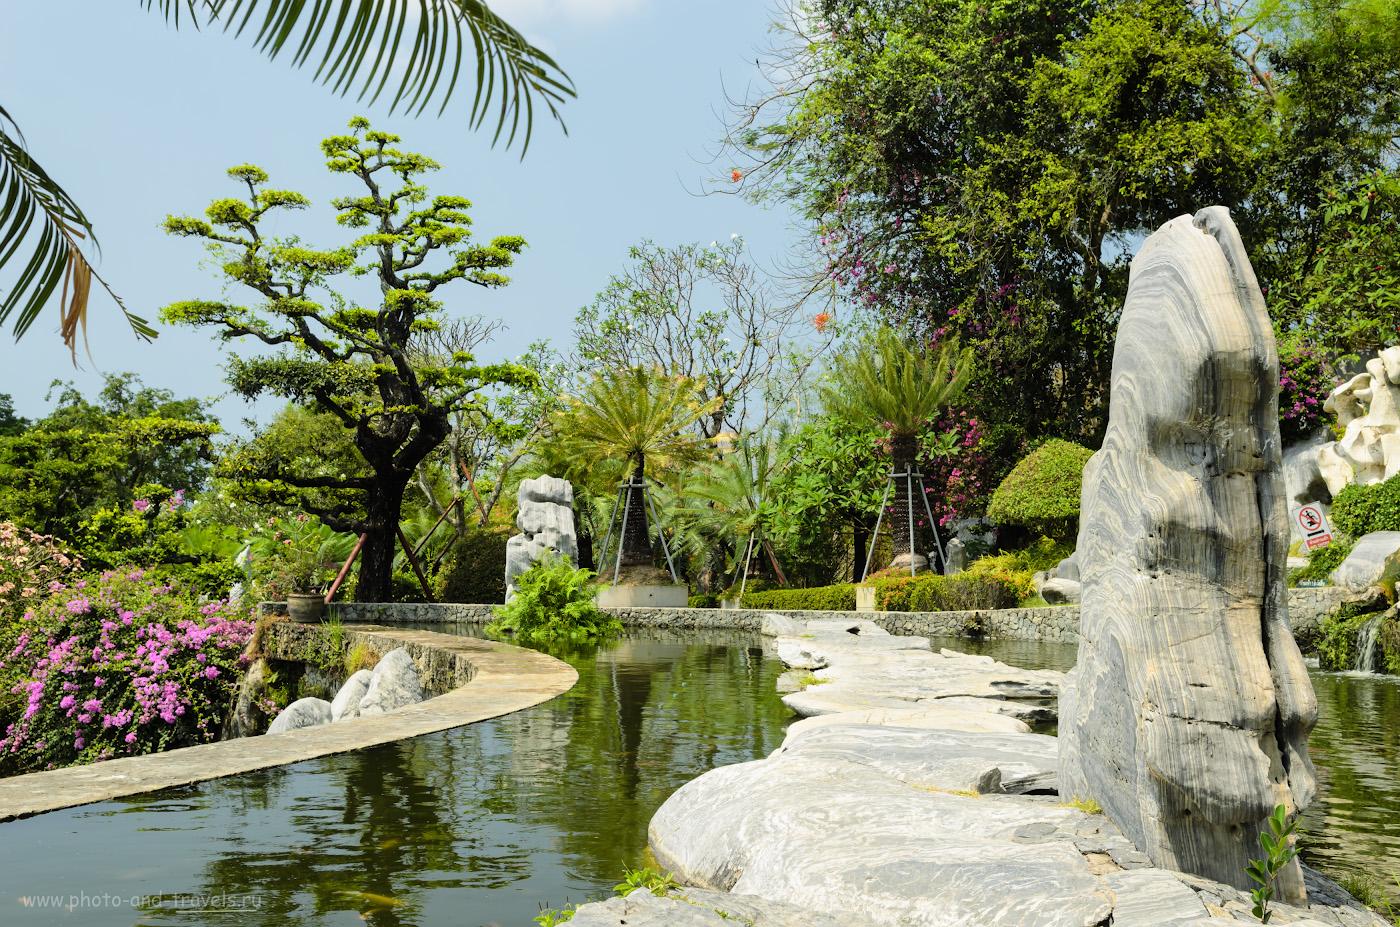 """Фото 8. Парк """"Million Years Stone Park & Pattaya Crocodile Farm"""". Отчето о том, как сюда добраться самостоятельно из Паттайи. Отдых в Таиланде."""